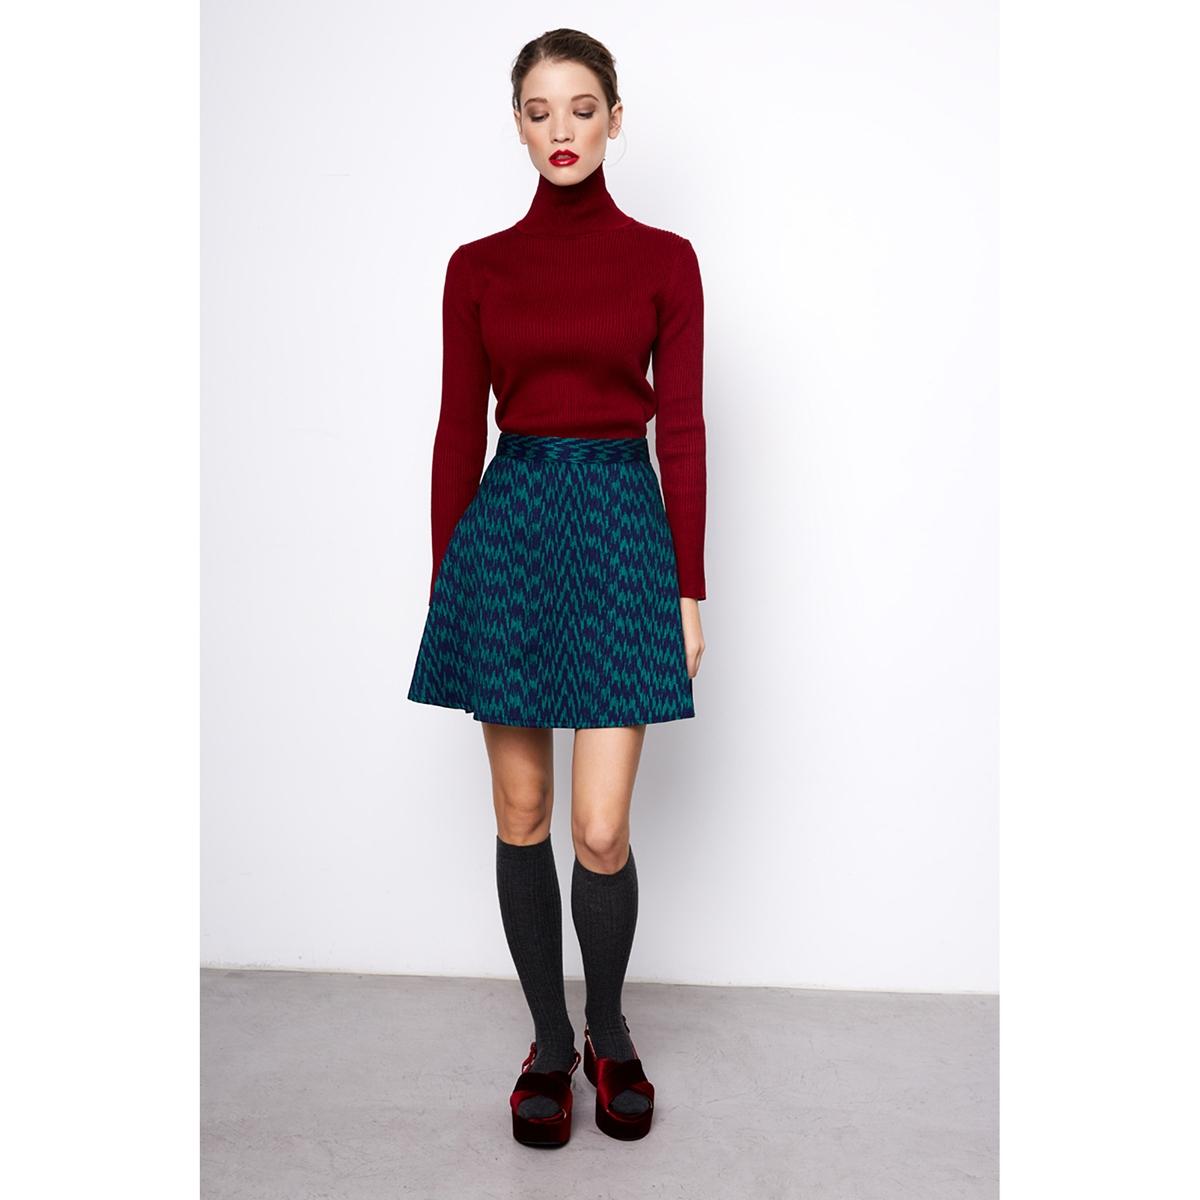 Платье короткое расклешенное с рисункомОписание:Детали •  Форма : расклешенная •  Укороченная модель  •  Рисунок-принтСостав и уход •  100% полиэстер •  Следуйте рекомендациям по уходу, указанным на этикетке изделия<br><br>Цвет: темно-синий/зеленый<br>Размер: M.XS